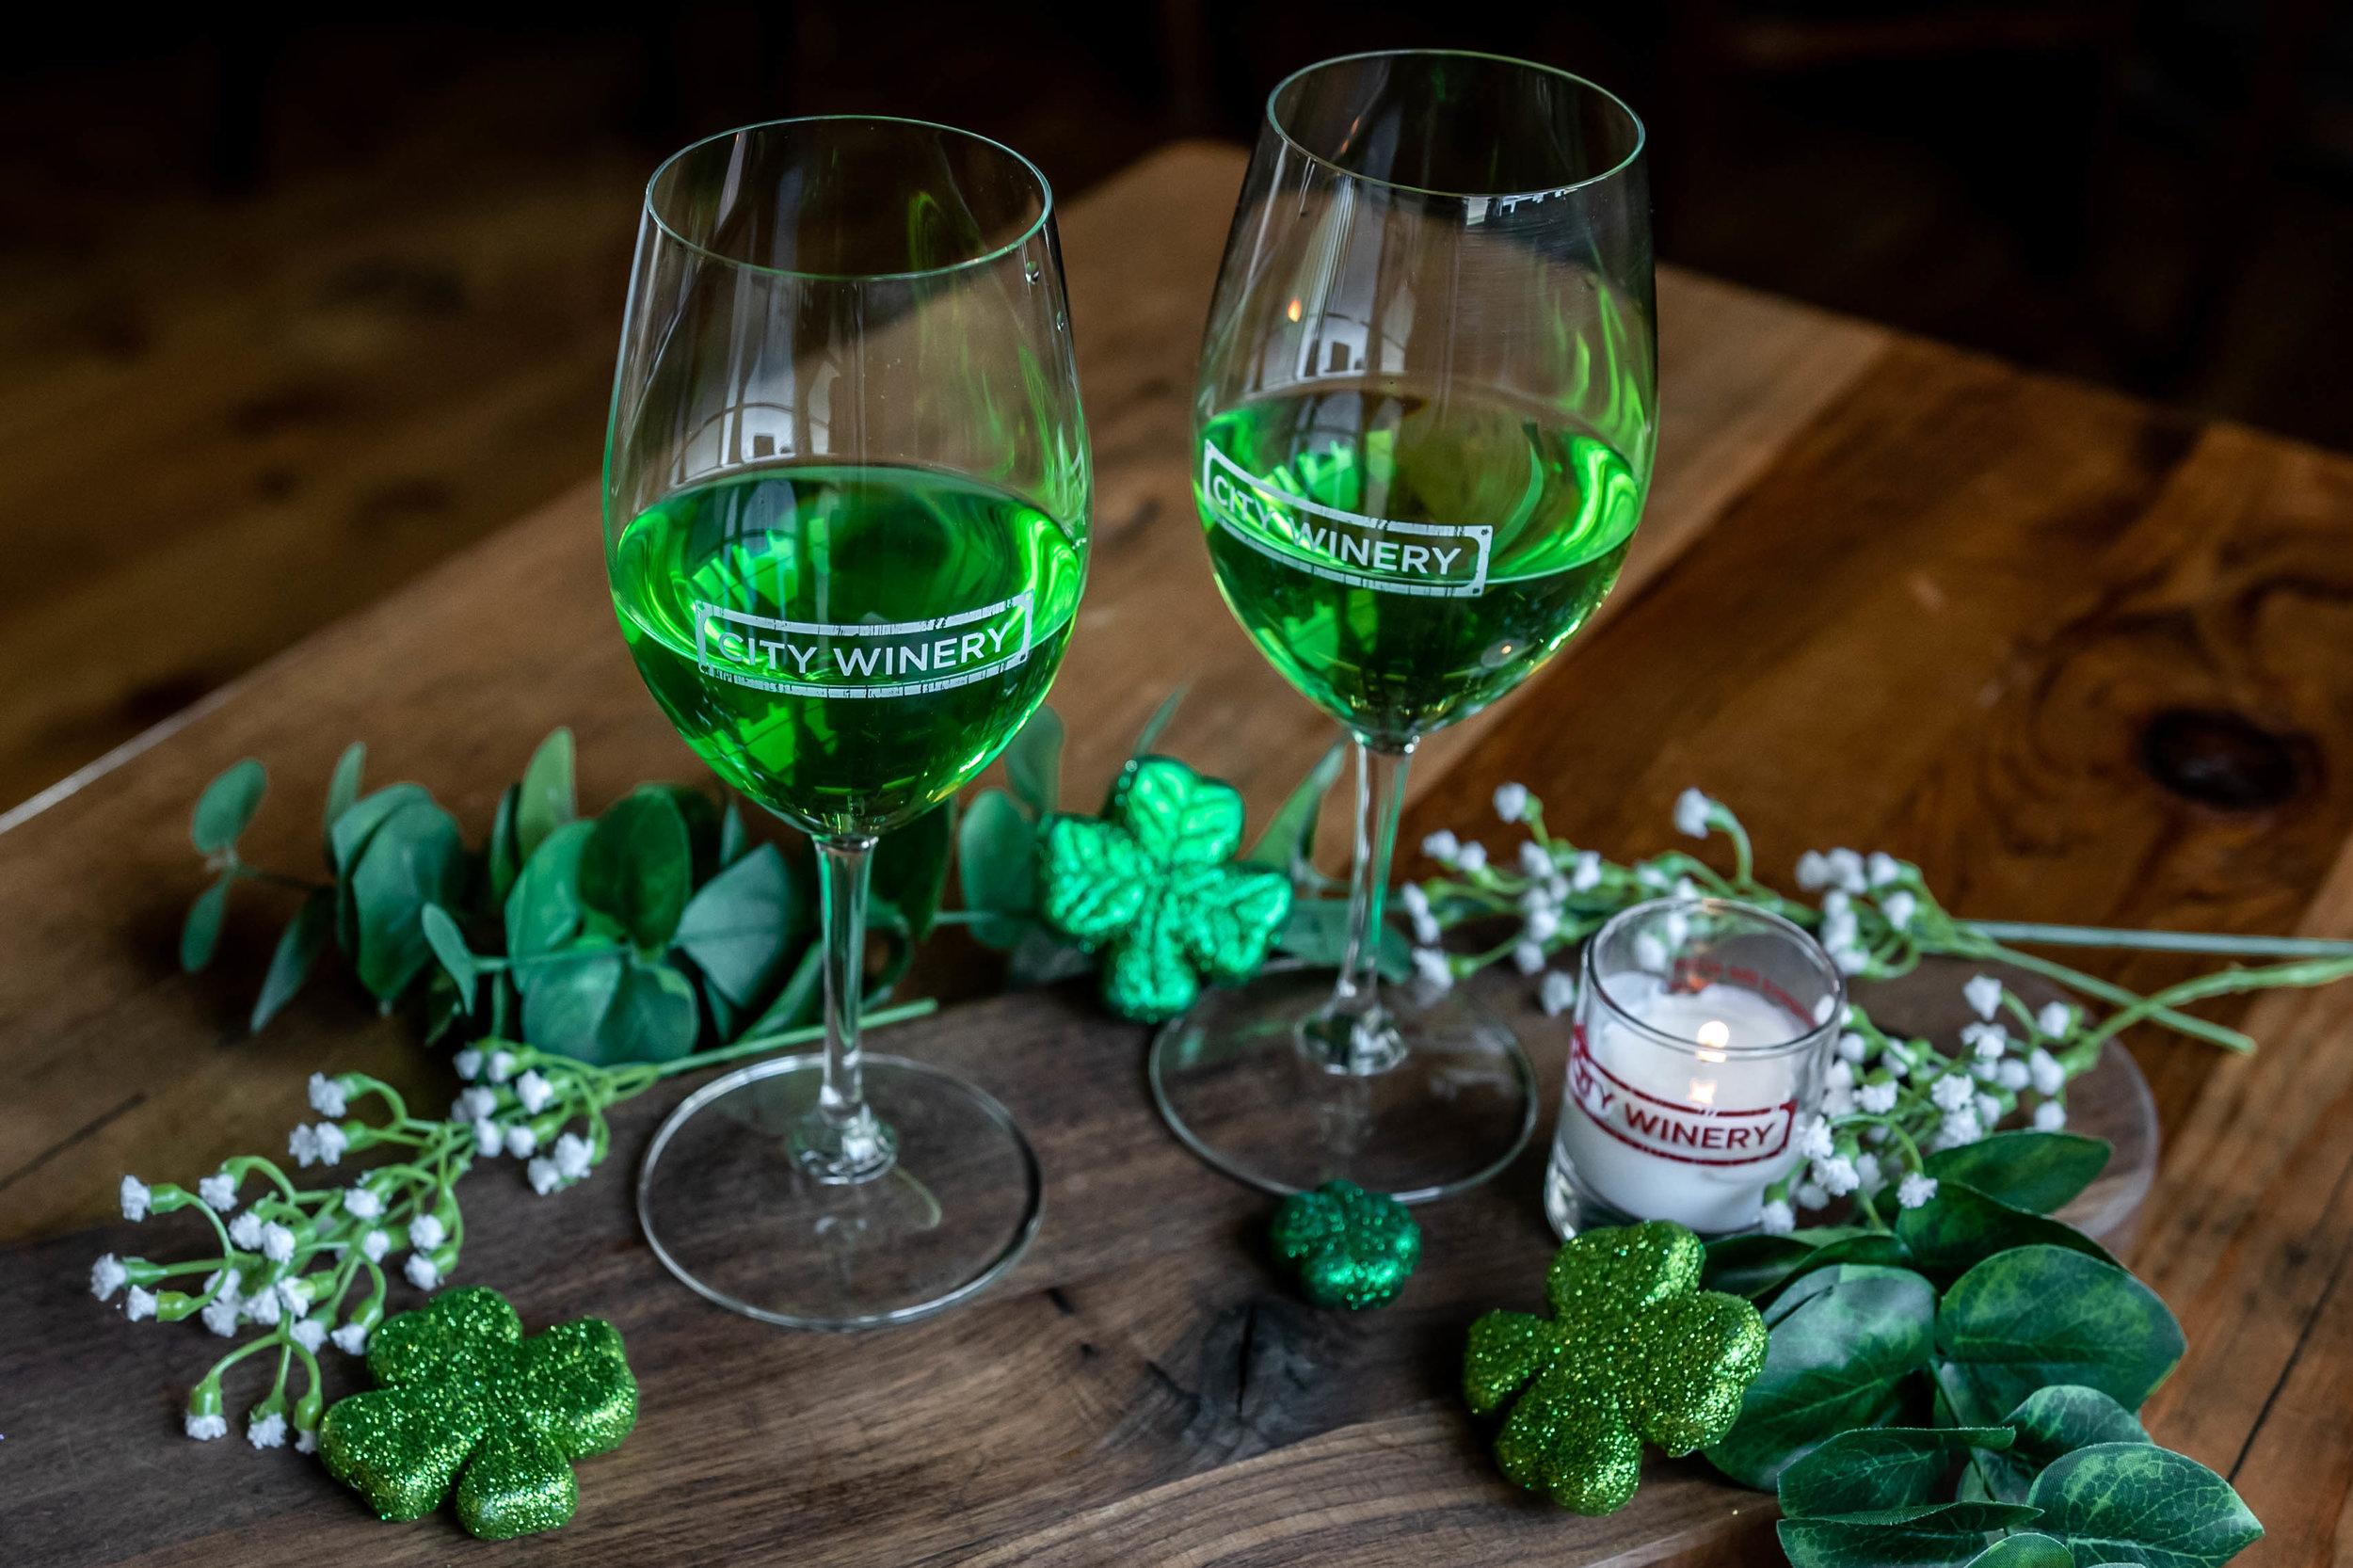 Photo Courtesy of City Winery